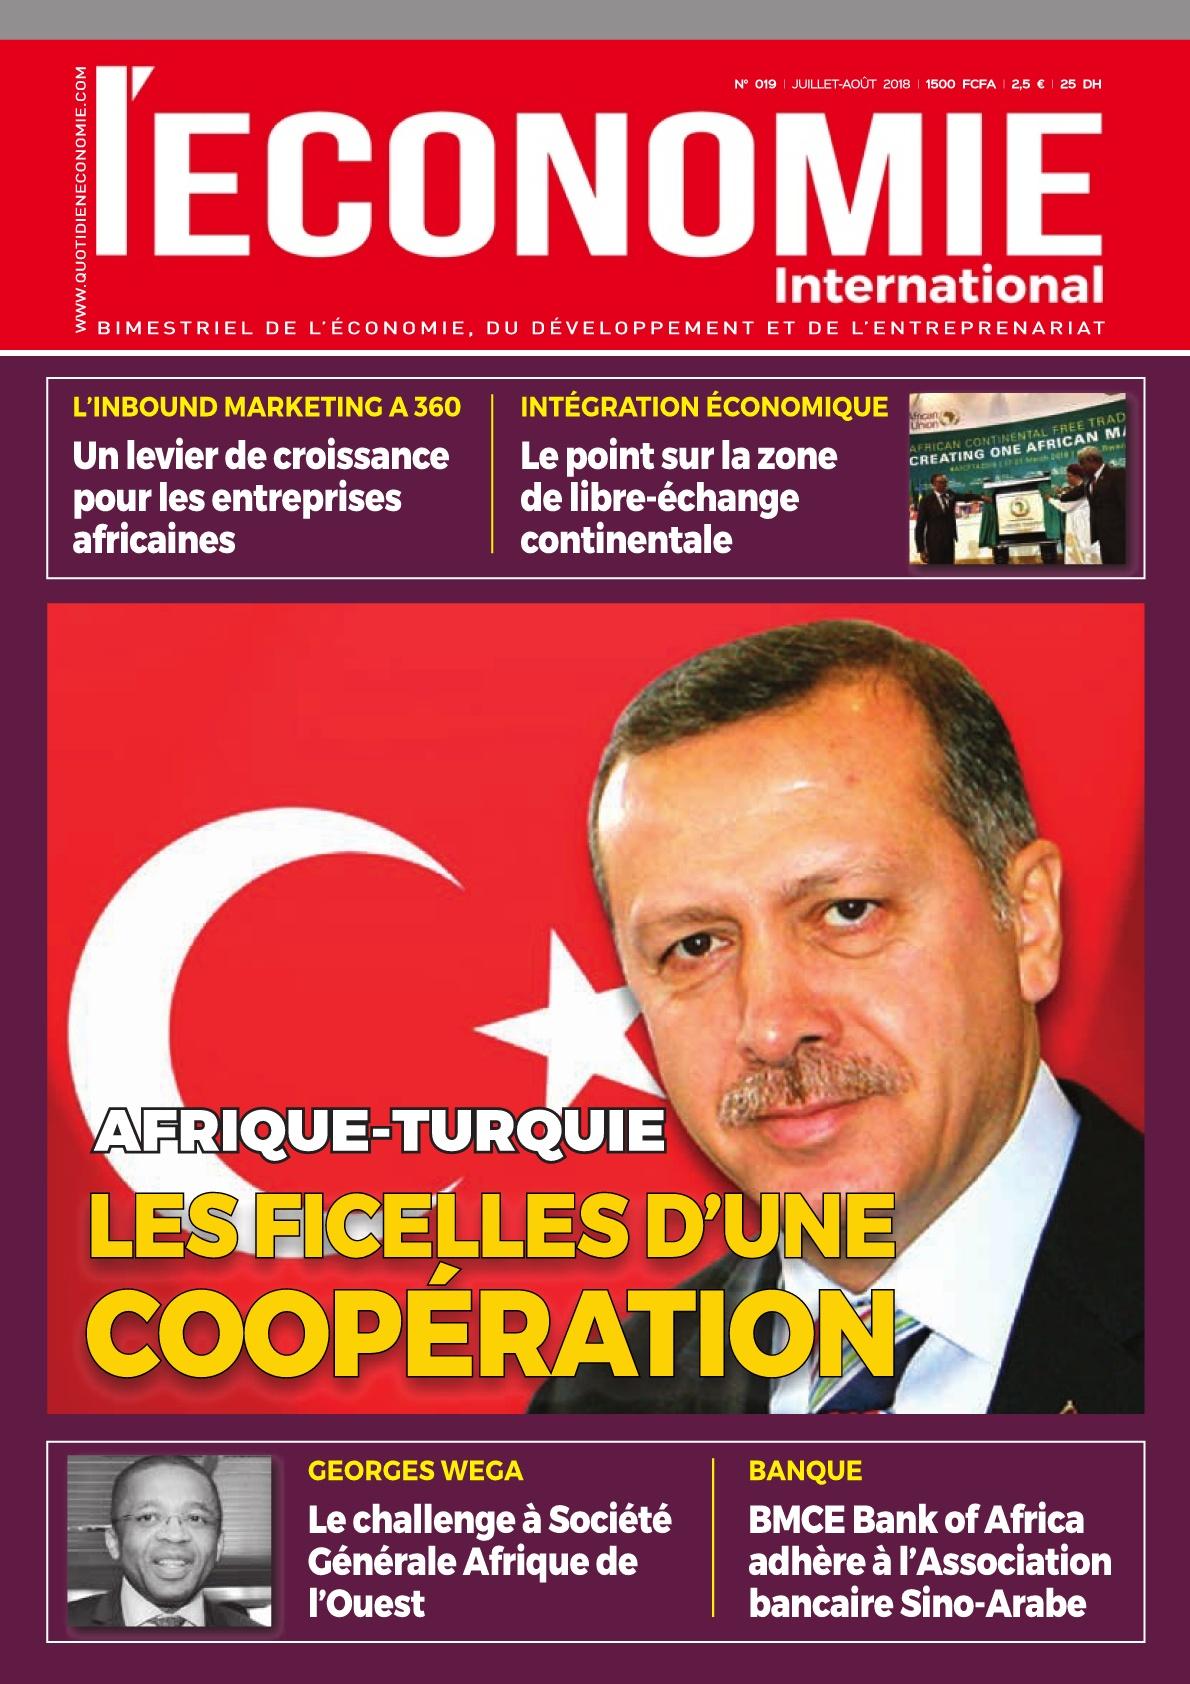 Le Quotidien de l'Economie Magazine - 19/09/2018